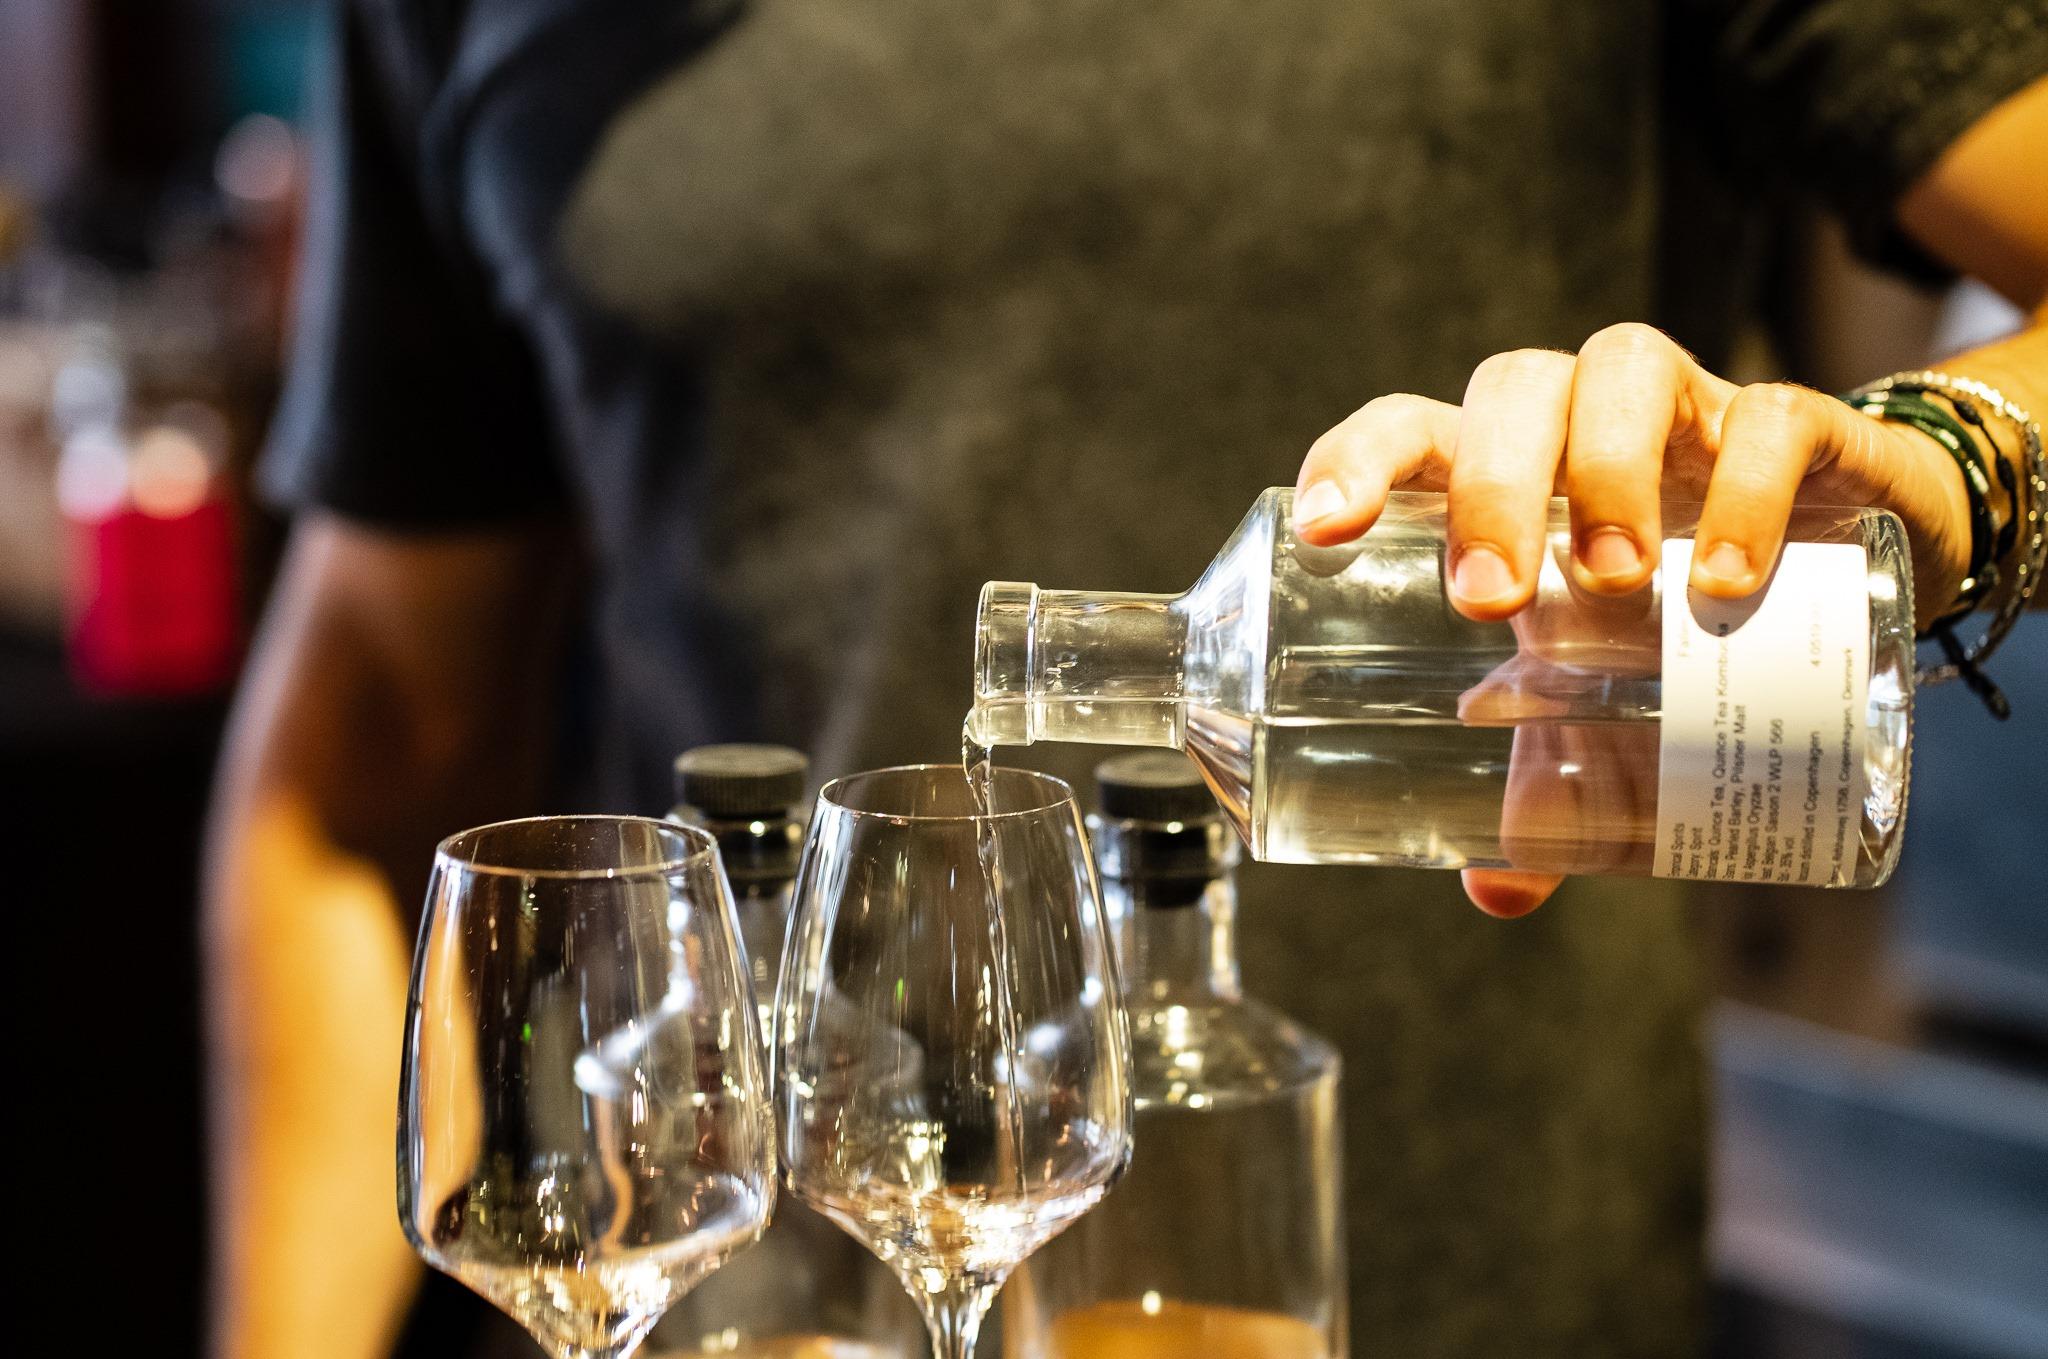 Empirical Spirits - Serveur barman spiritueux eau-de-vie